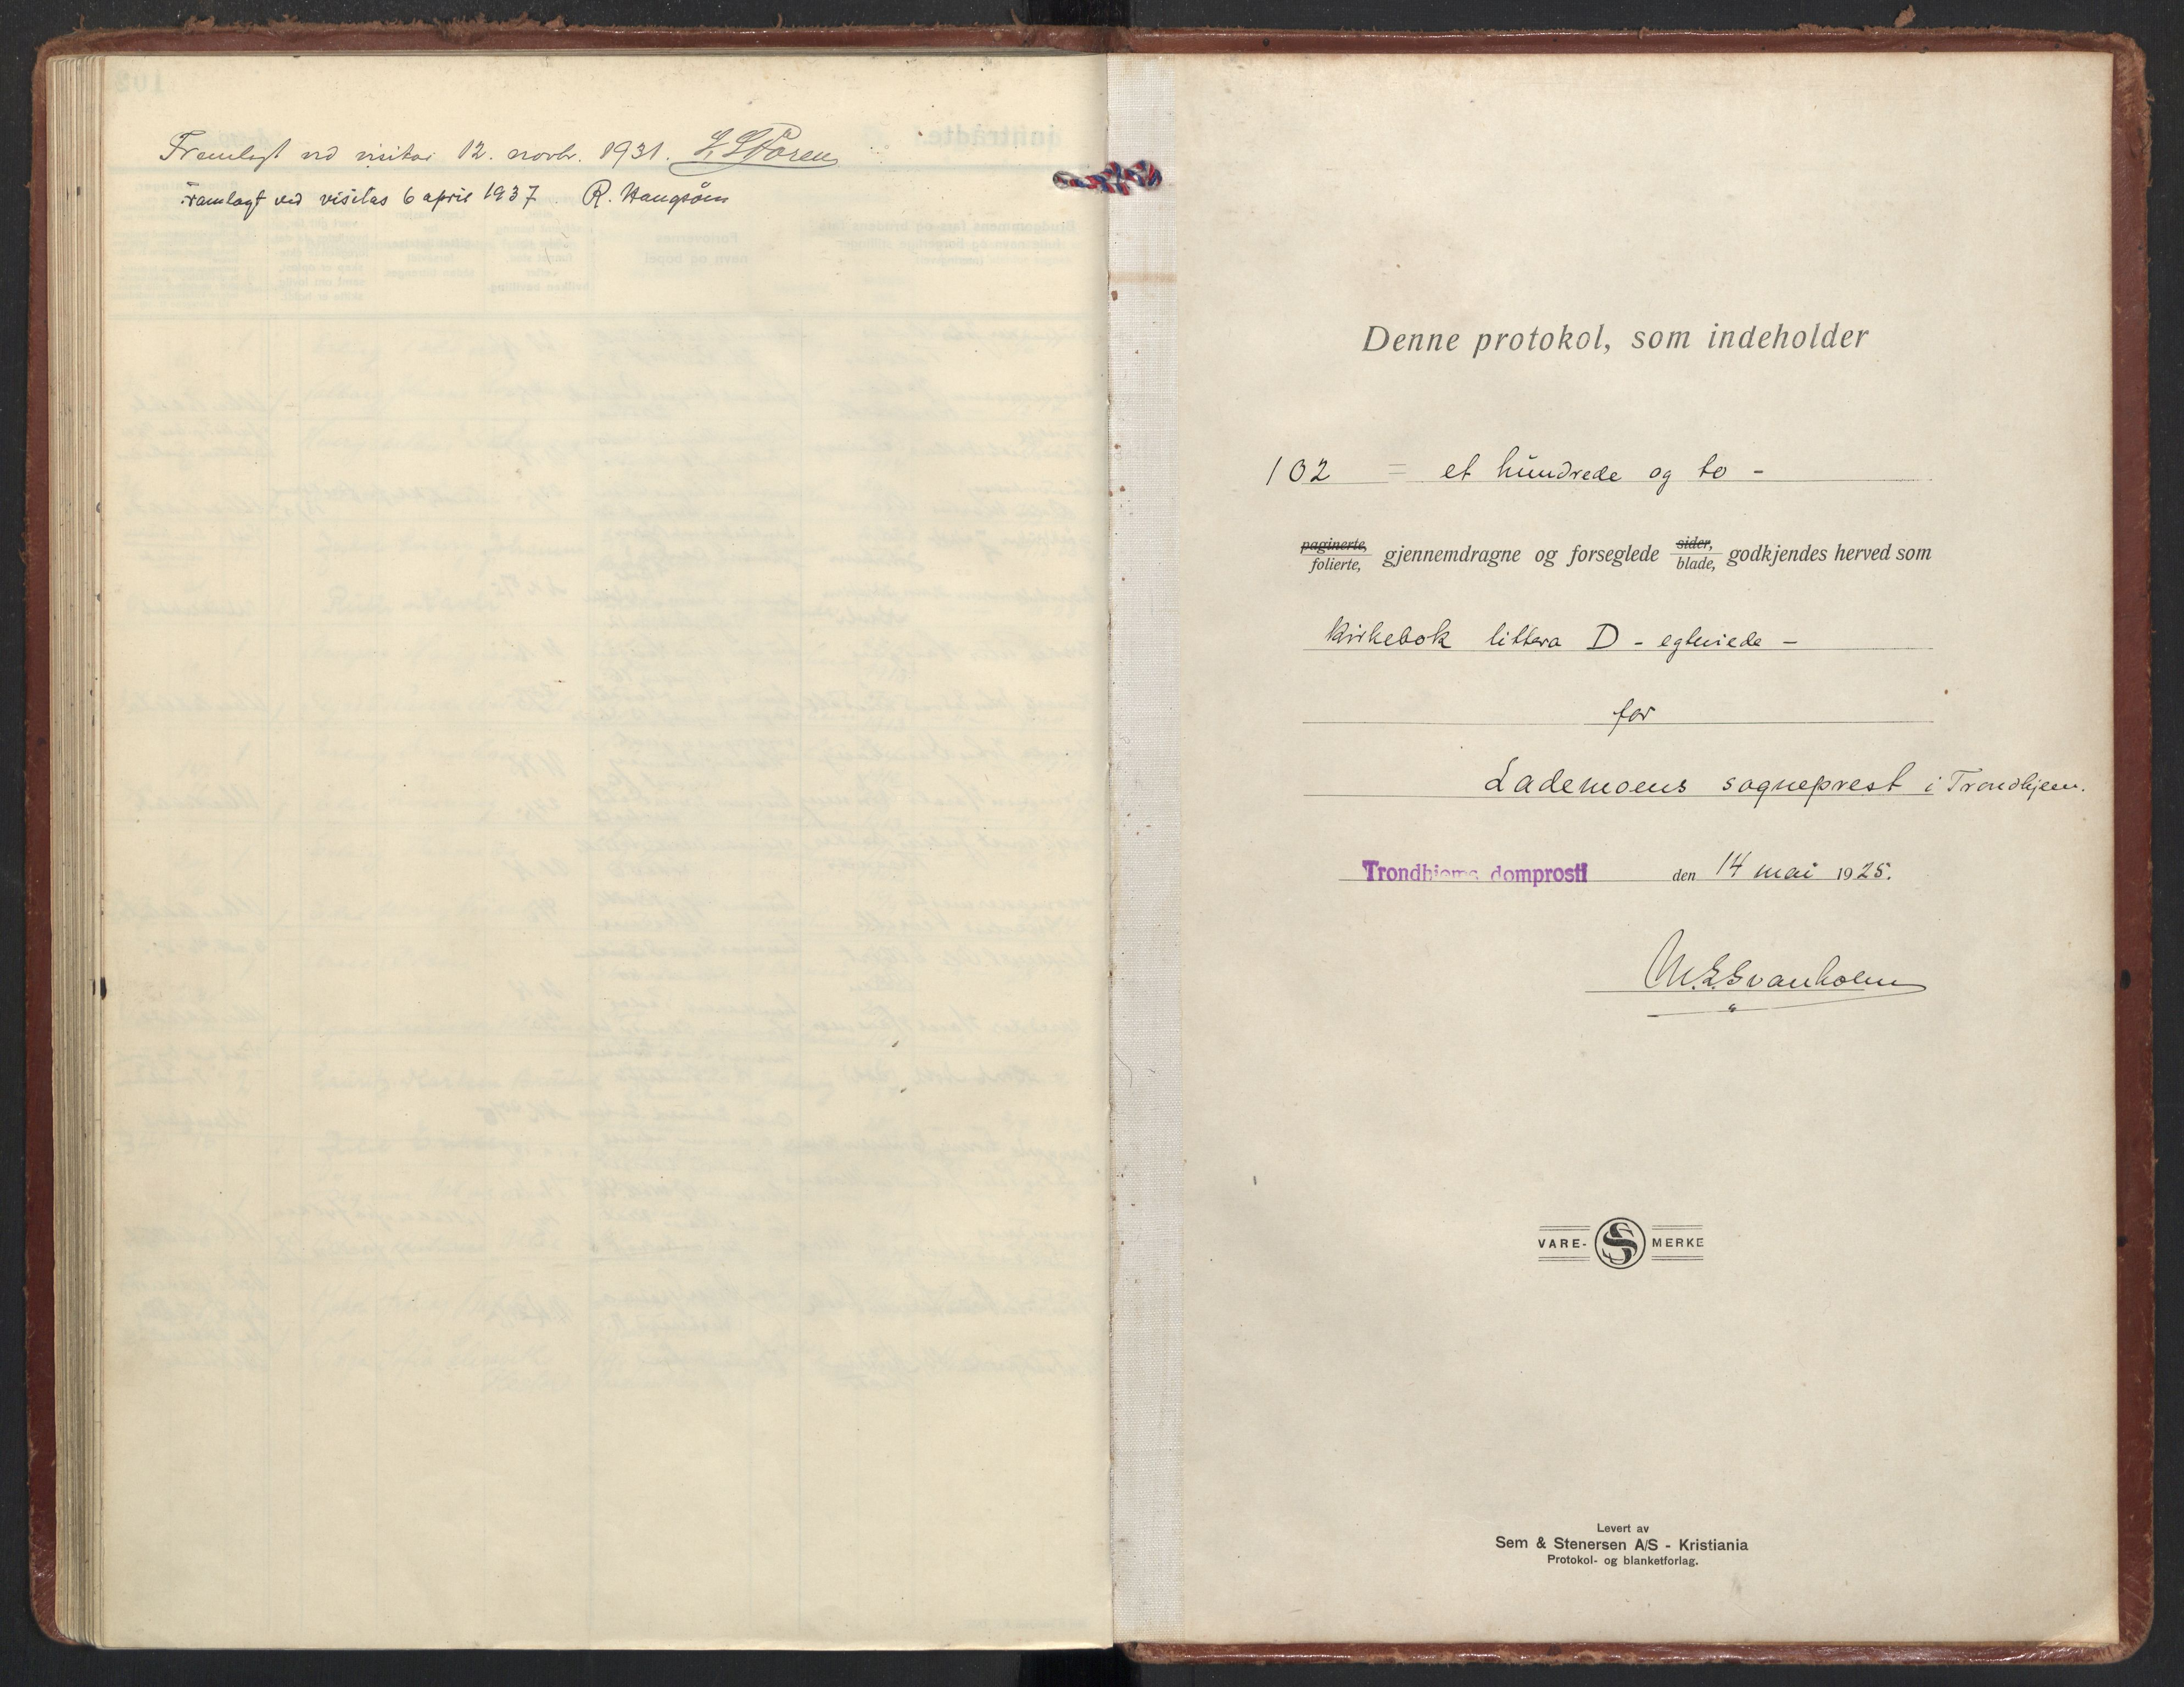 SAT, Ministerialprotokoller, klokkerbøker og fødselsregistre - Sør-Trøndelag, 605/L0249: Ministerialbok nr. 605A11, 1925-1936